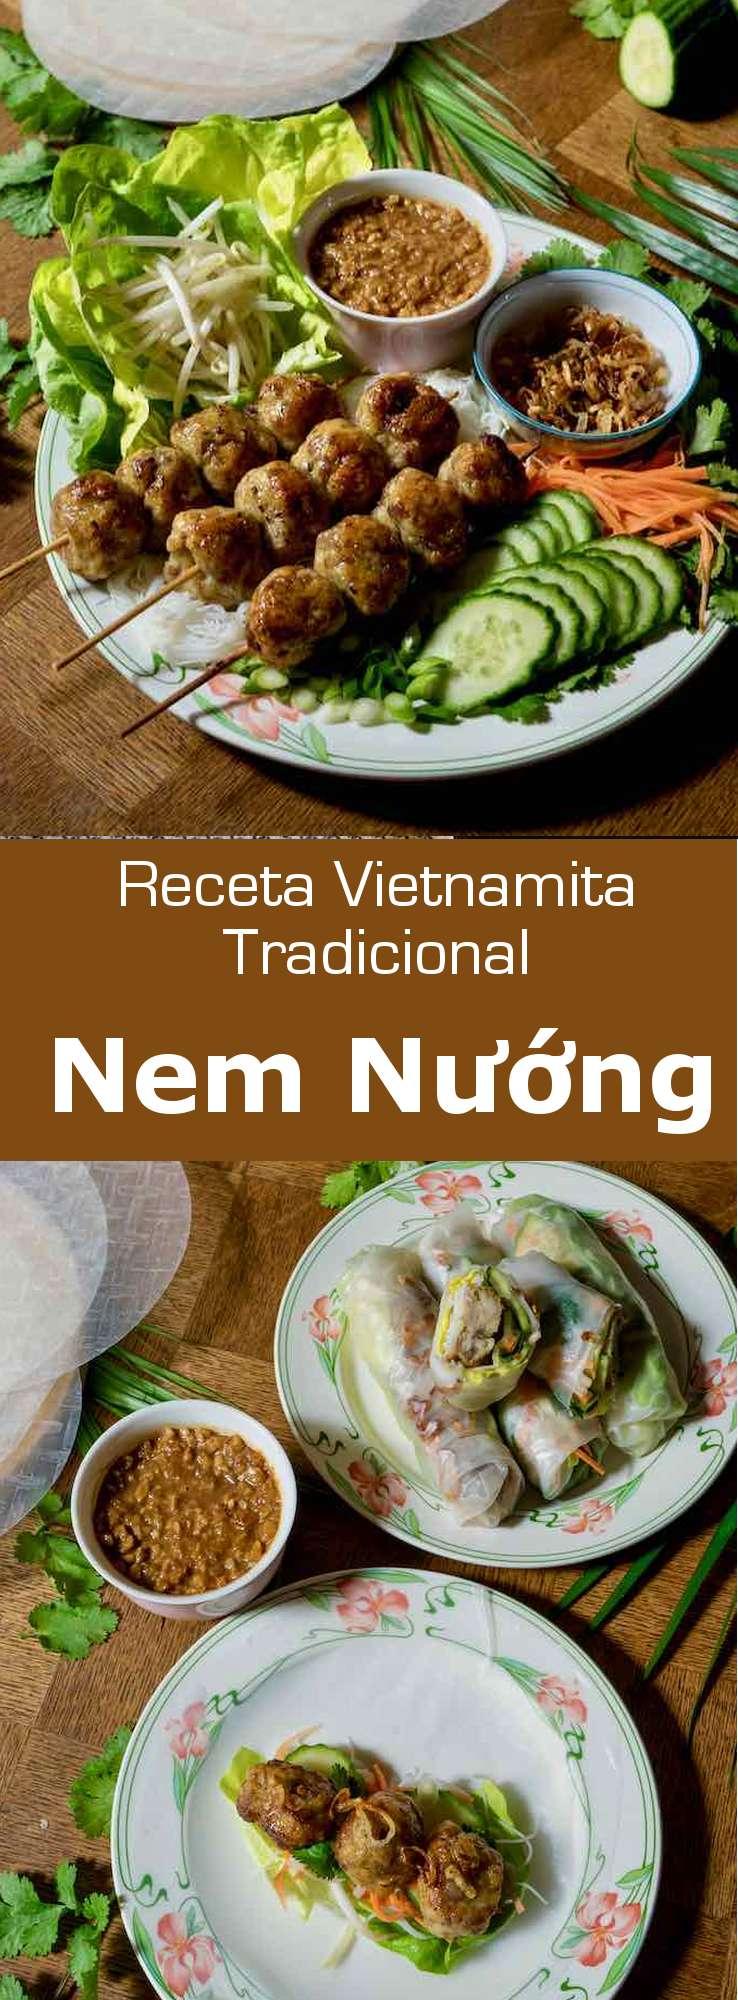 El nem nướng es un popular plato vietnamita que contiene salchichas o albóndigas de cerdo a la parrilla que se sirven con fideos de arroz y se envuelven con papel de arroz.